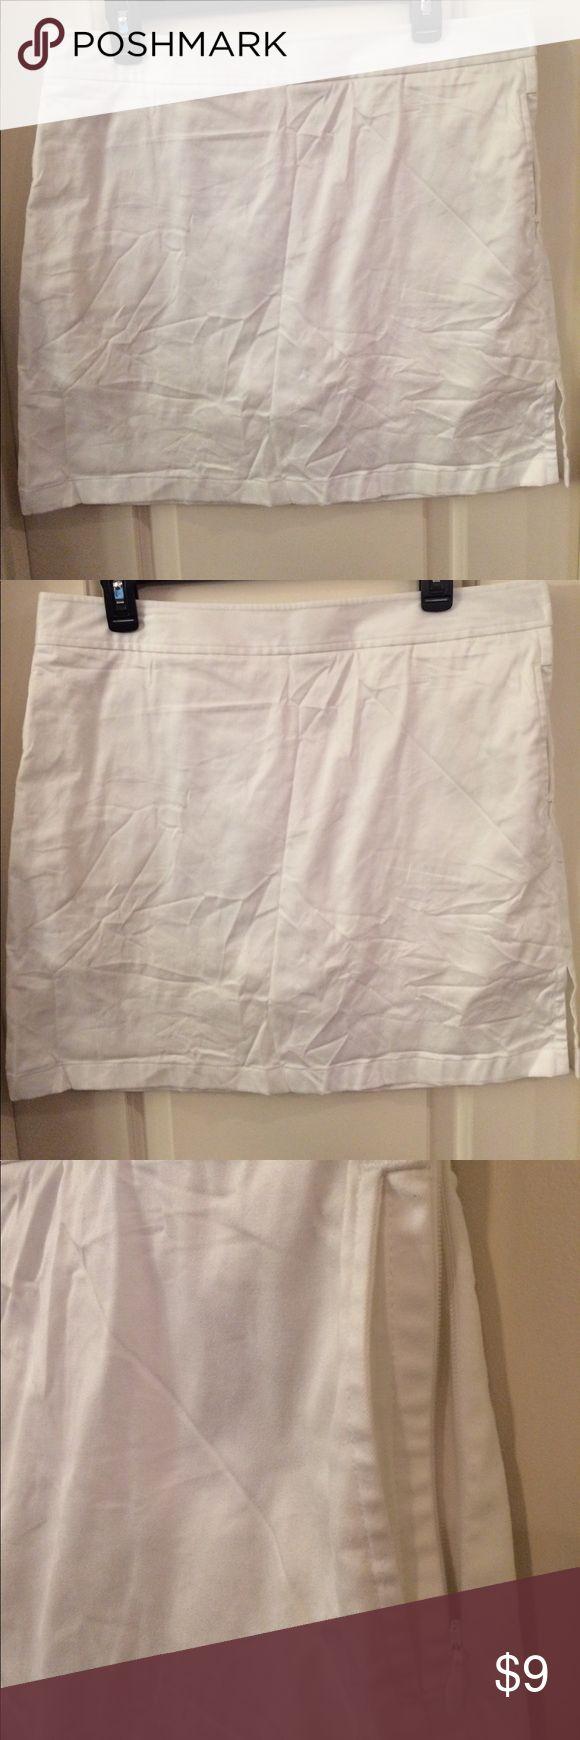 """Ashworth golf skort, size 10 White golf skort. Size 10. Side zip closure, side slash pocket and side slit. 98% cotton, 2% spandex. 18"""" long. Ashworth Shorts Skorts"""